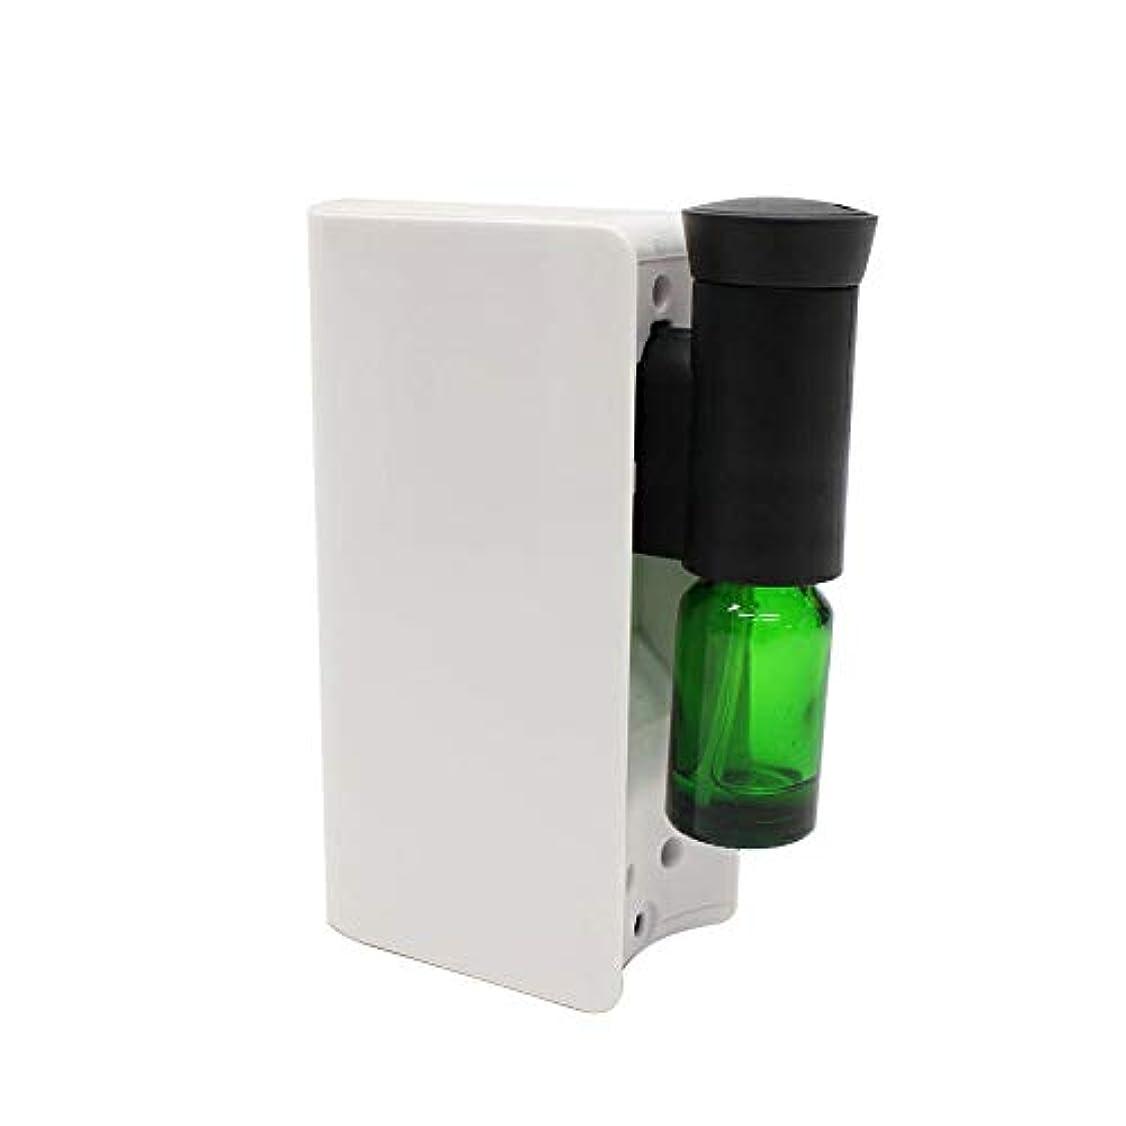 悪意のある汚物まっすぐにするアロマ ディフューザー 電池式アロマディフューザー 水を使わない ネブライザー式 アロマオイル対応 自動停止 ECOモード搭載 香り 癒し シンプル コンパクト ホワイト